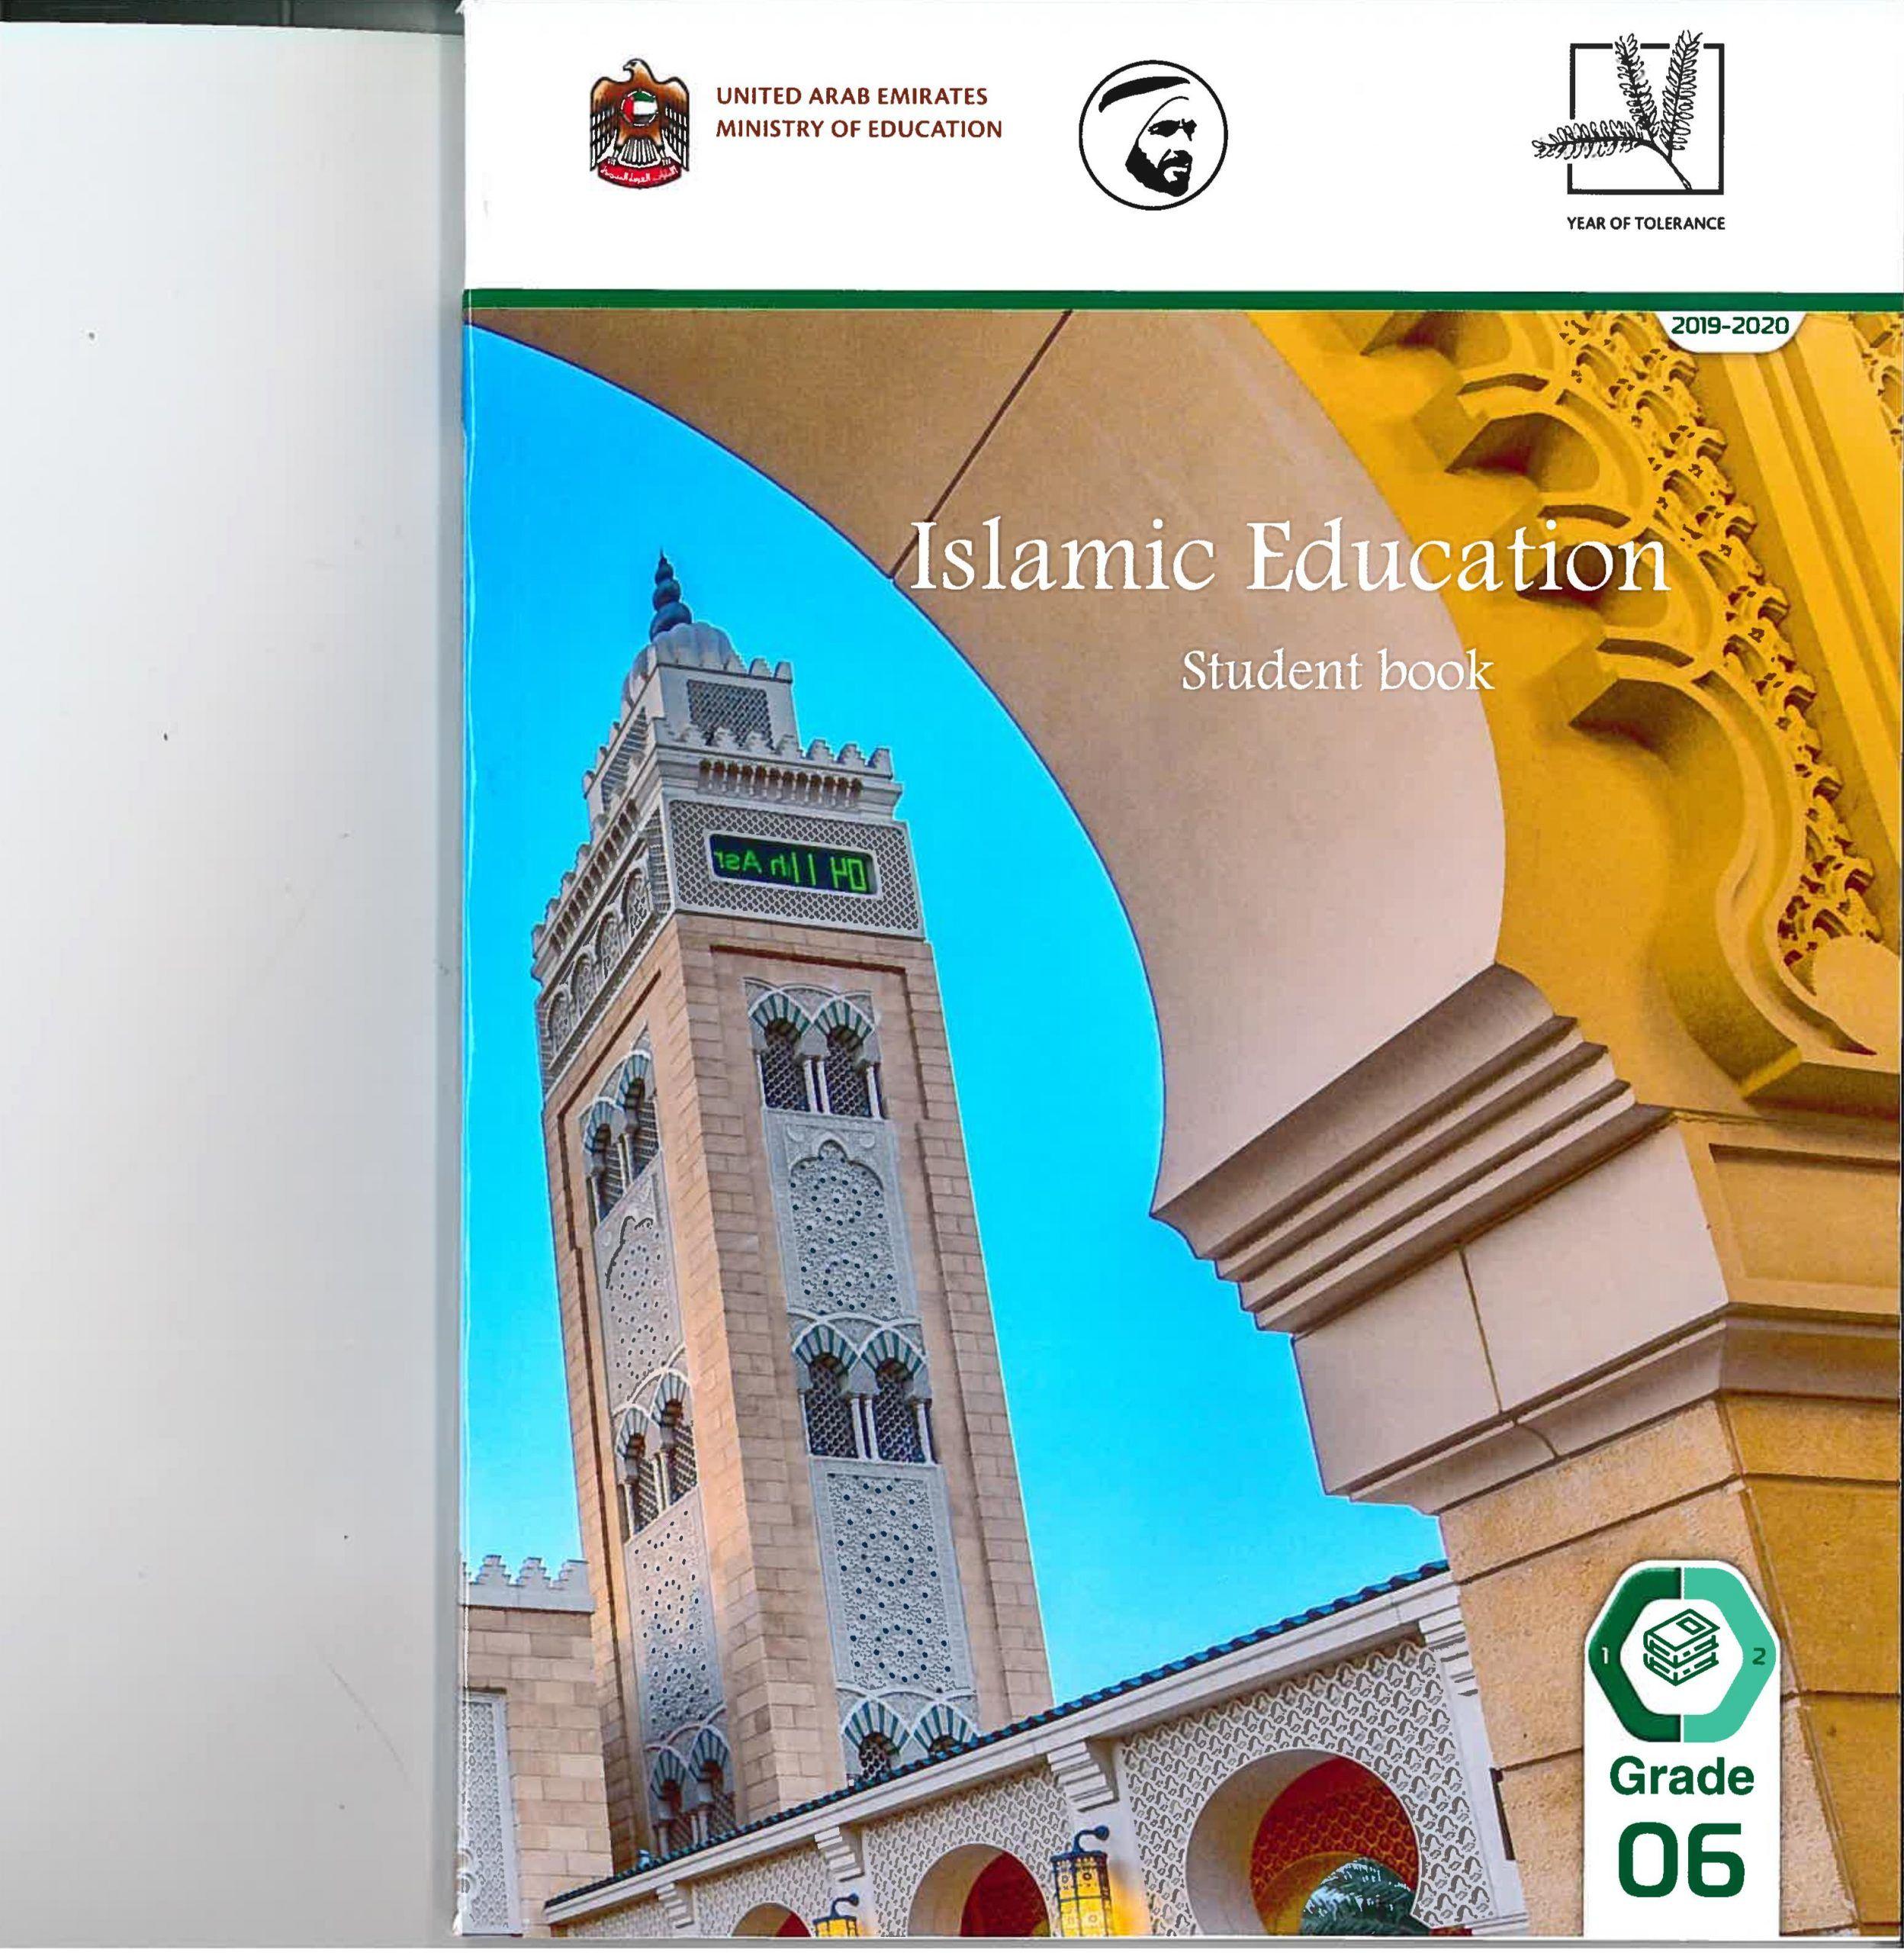 كتاب الطالب الفصل الدراسي الاول لغير الناطقين باللغة العربية للصف السادس مادة التربية الاسلامية Ministry Of Education United Arab Emirates The Unit